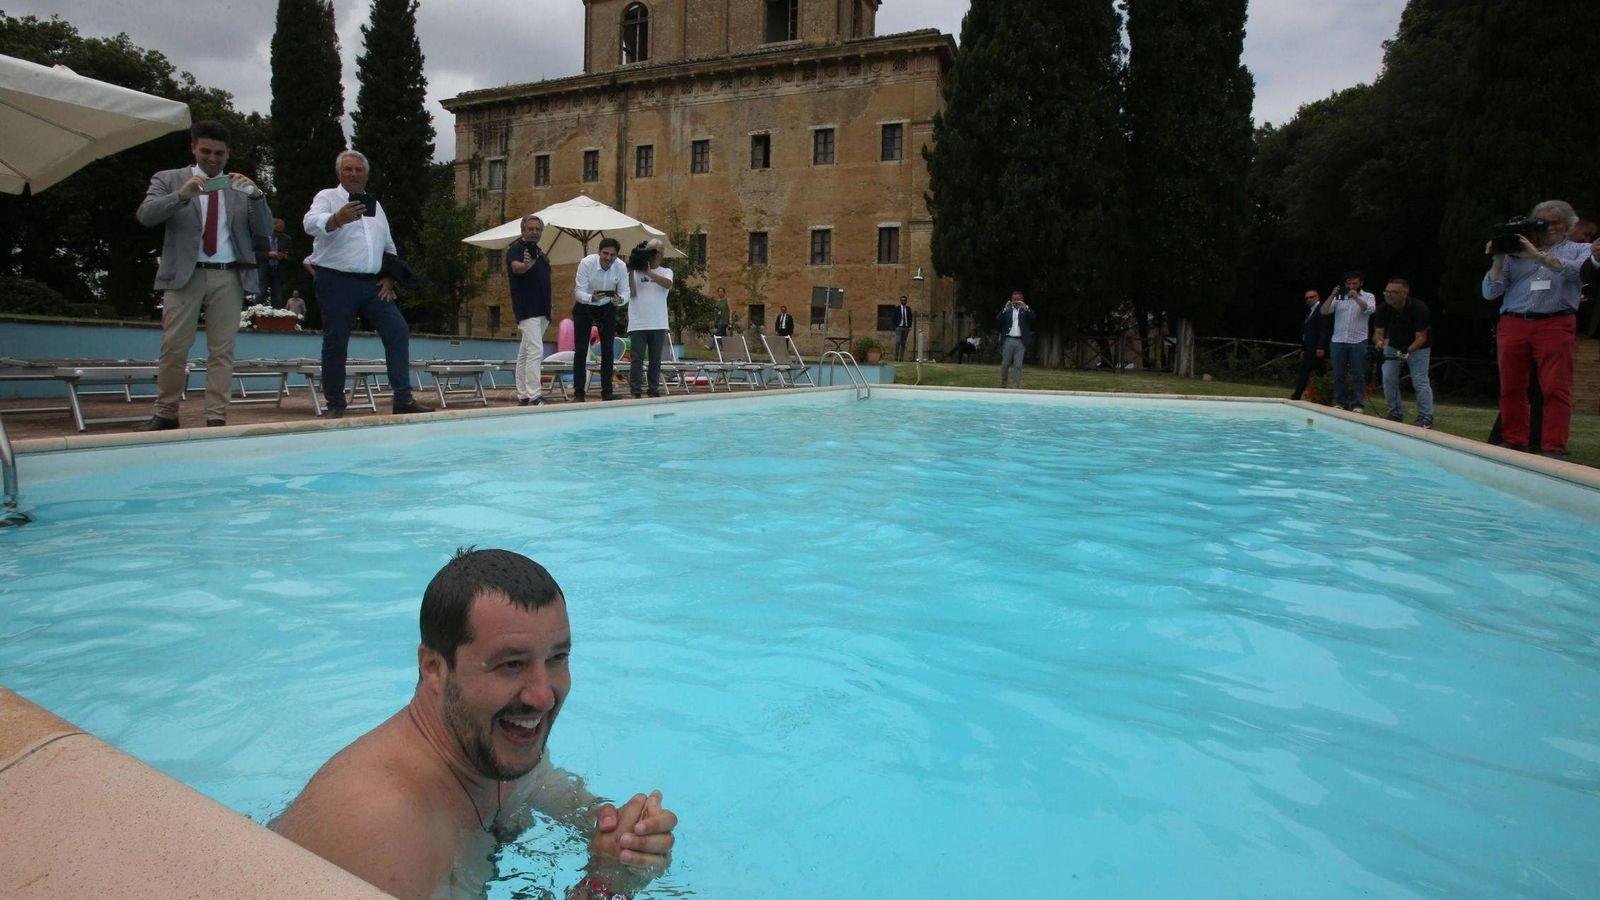 Foto: El ministro deL Interior italiano, Matteo Salvini, se baña en una piscina durante la visita a una propiedad confiscada a la mafia en Suvignano, Siena, el 3 de julio de 2018. (EFE)